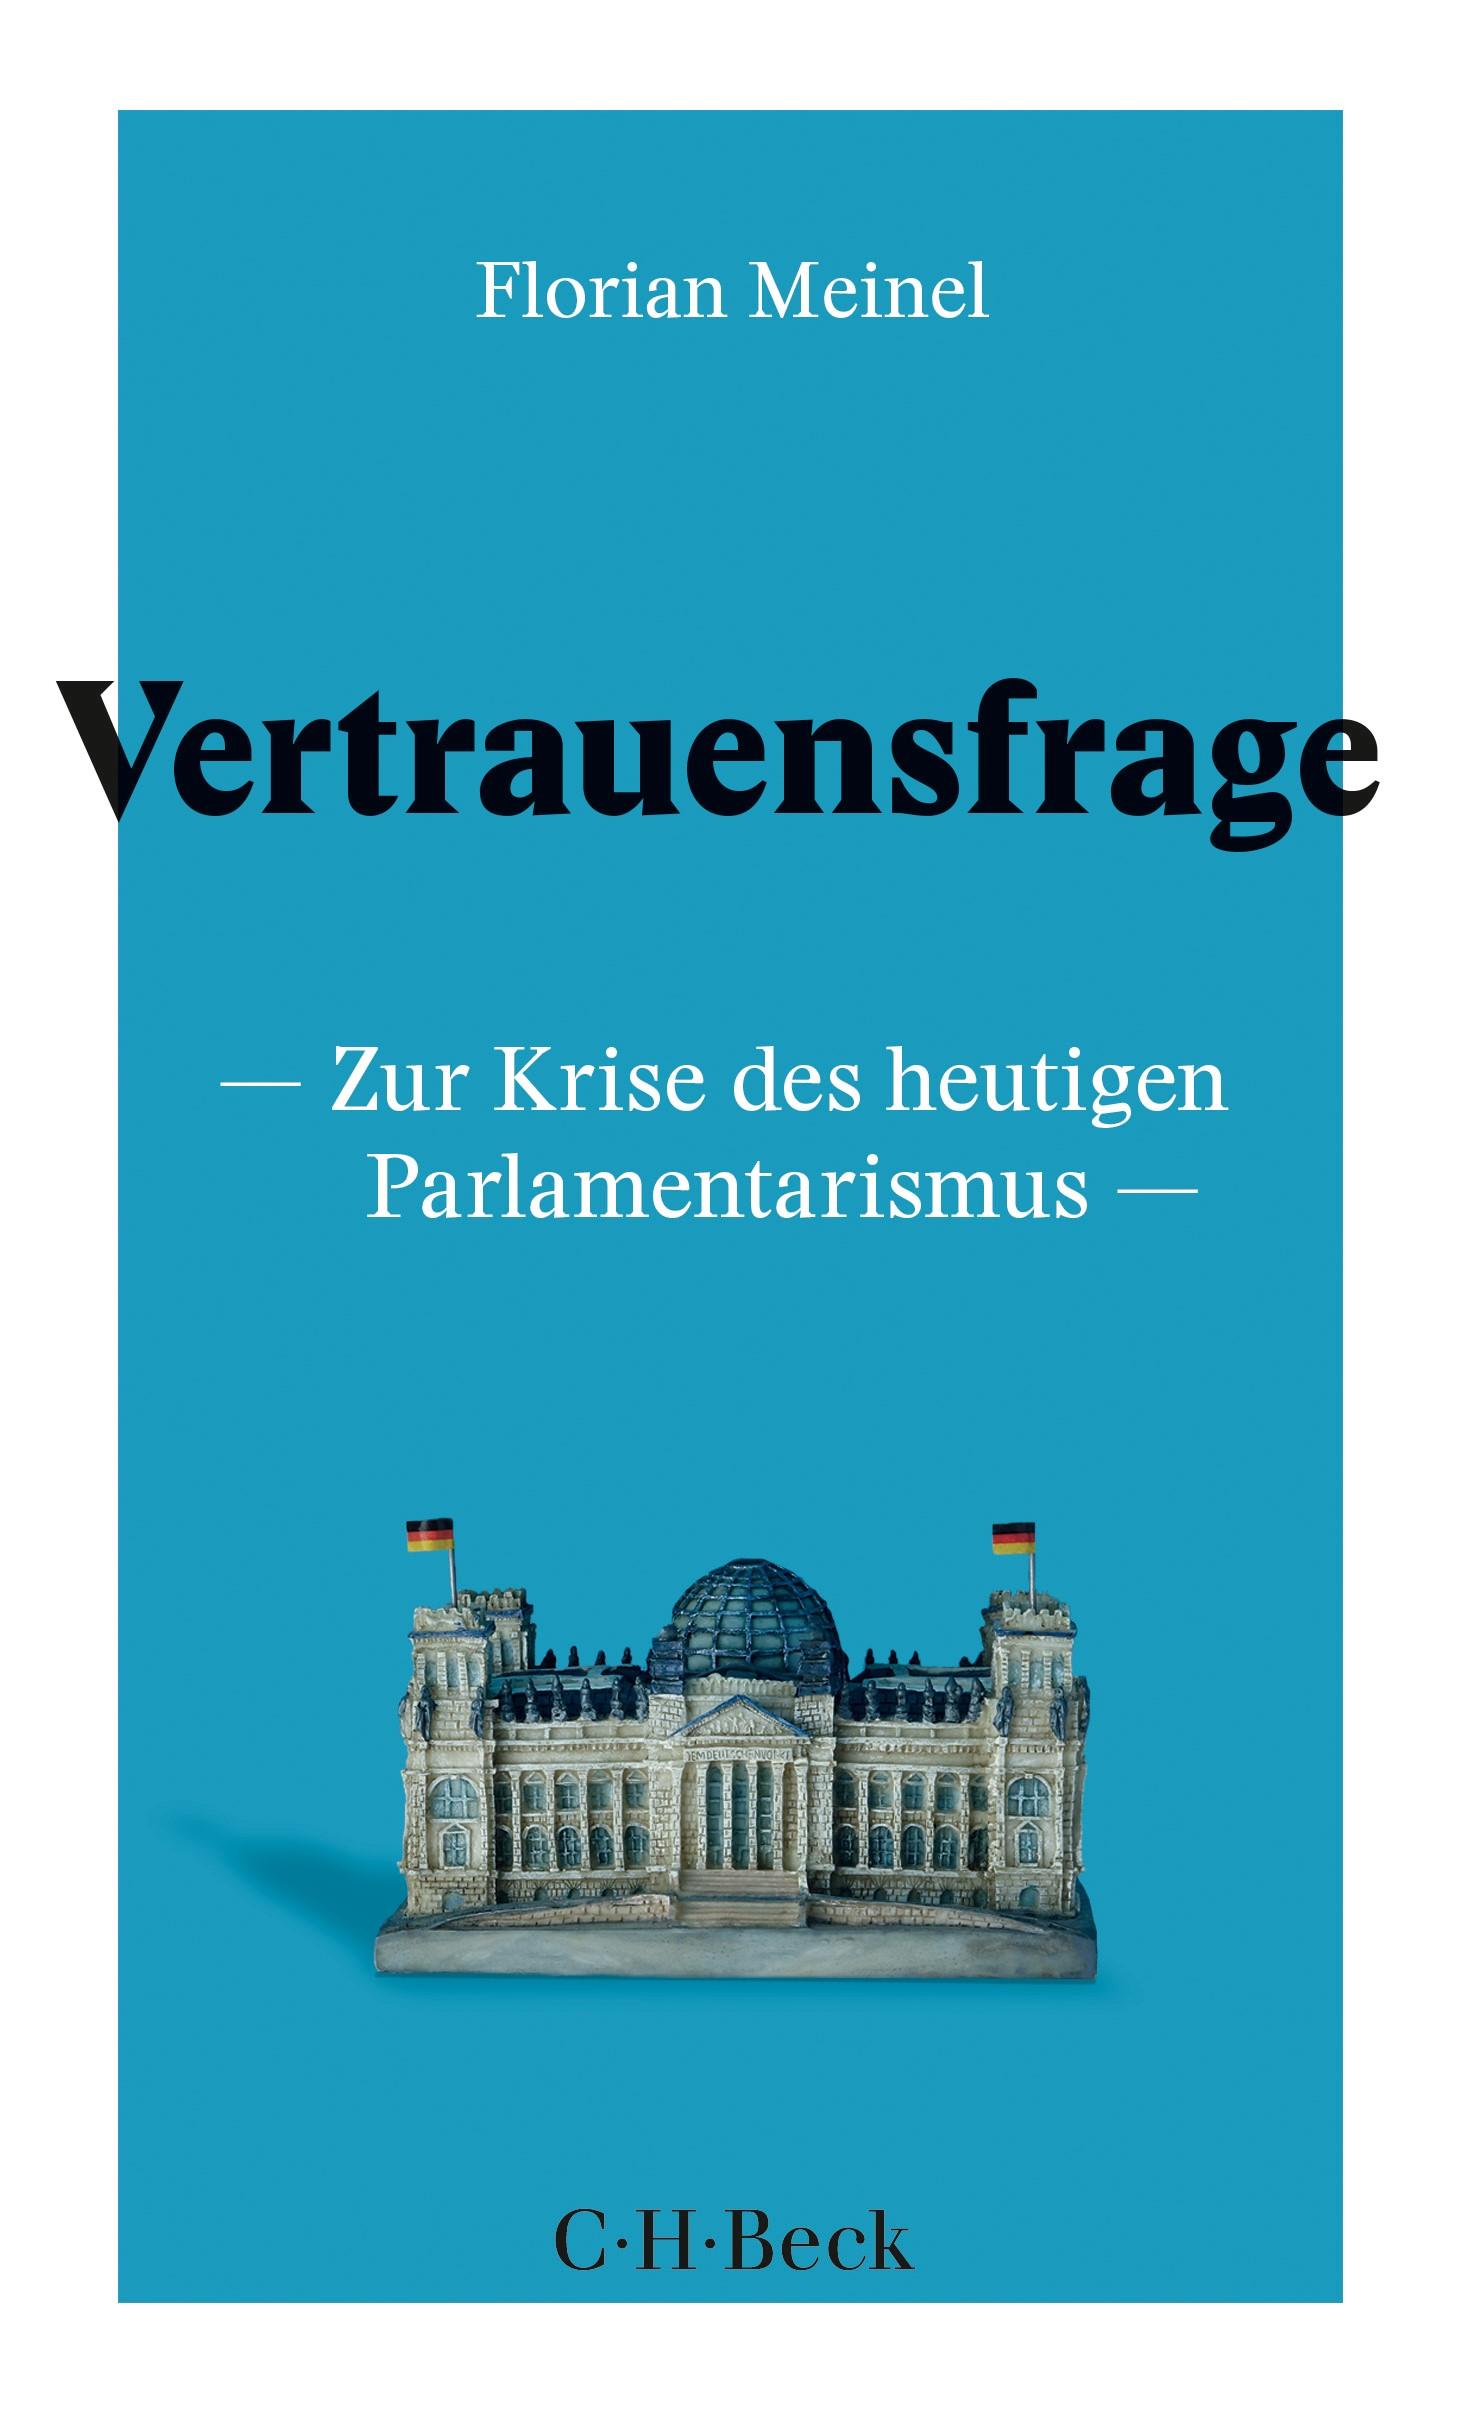 Vertrauensfrage | Meinel, Florian, 2019 | Buch (Cover)